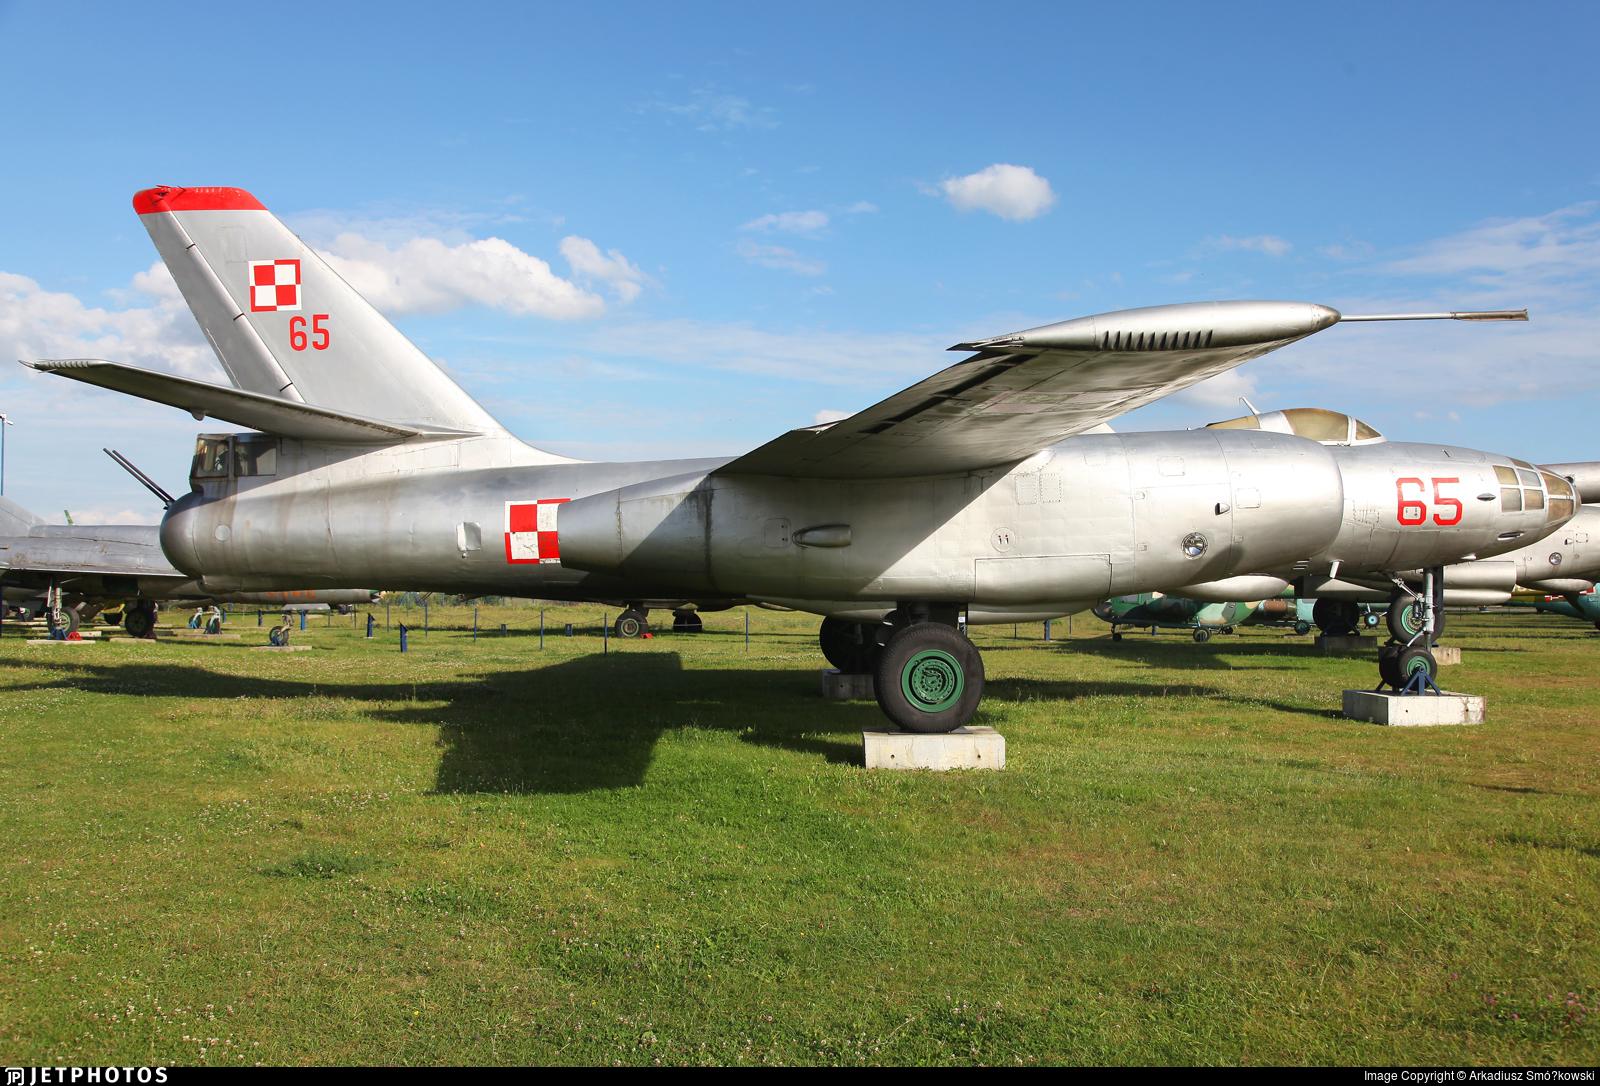 65 - Ilyushin IL-28 Beagle - Poland - Air Force